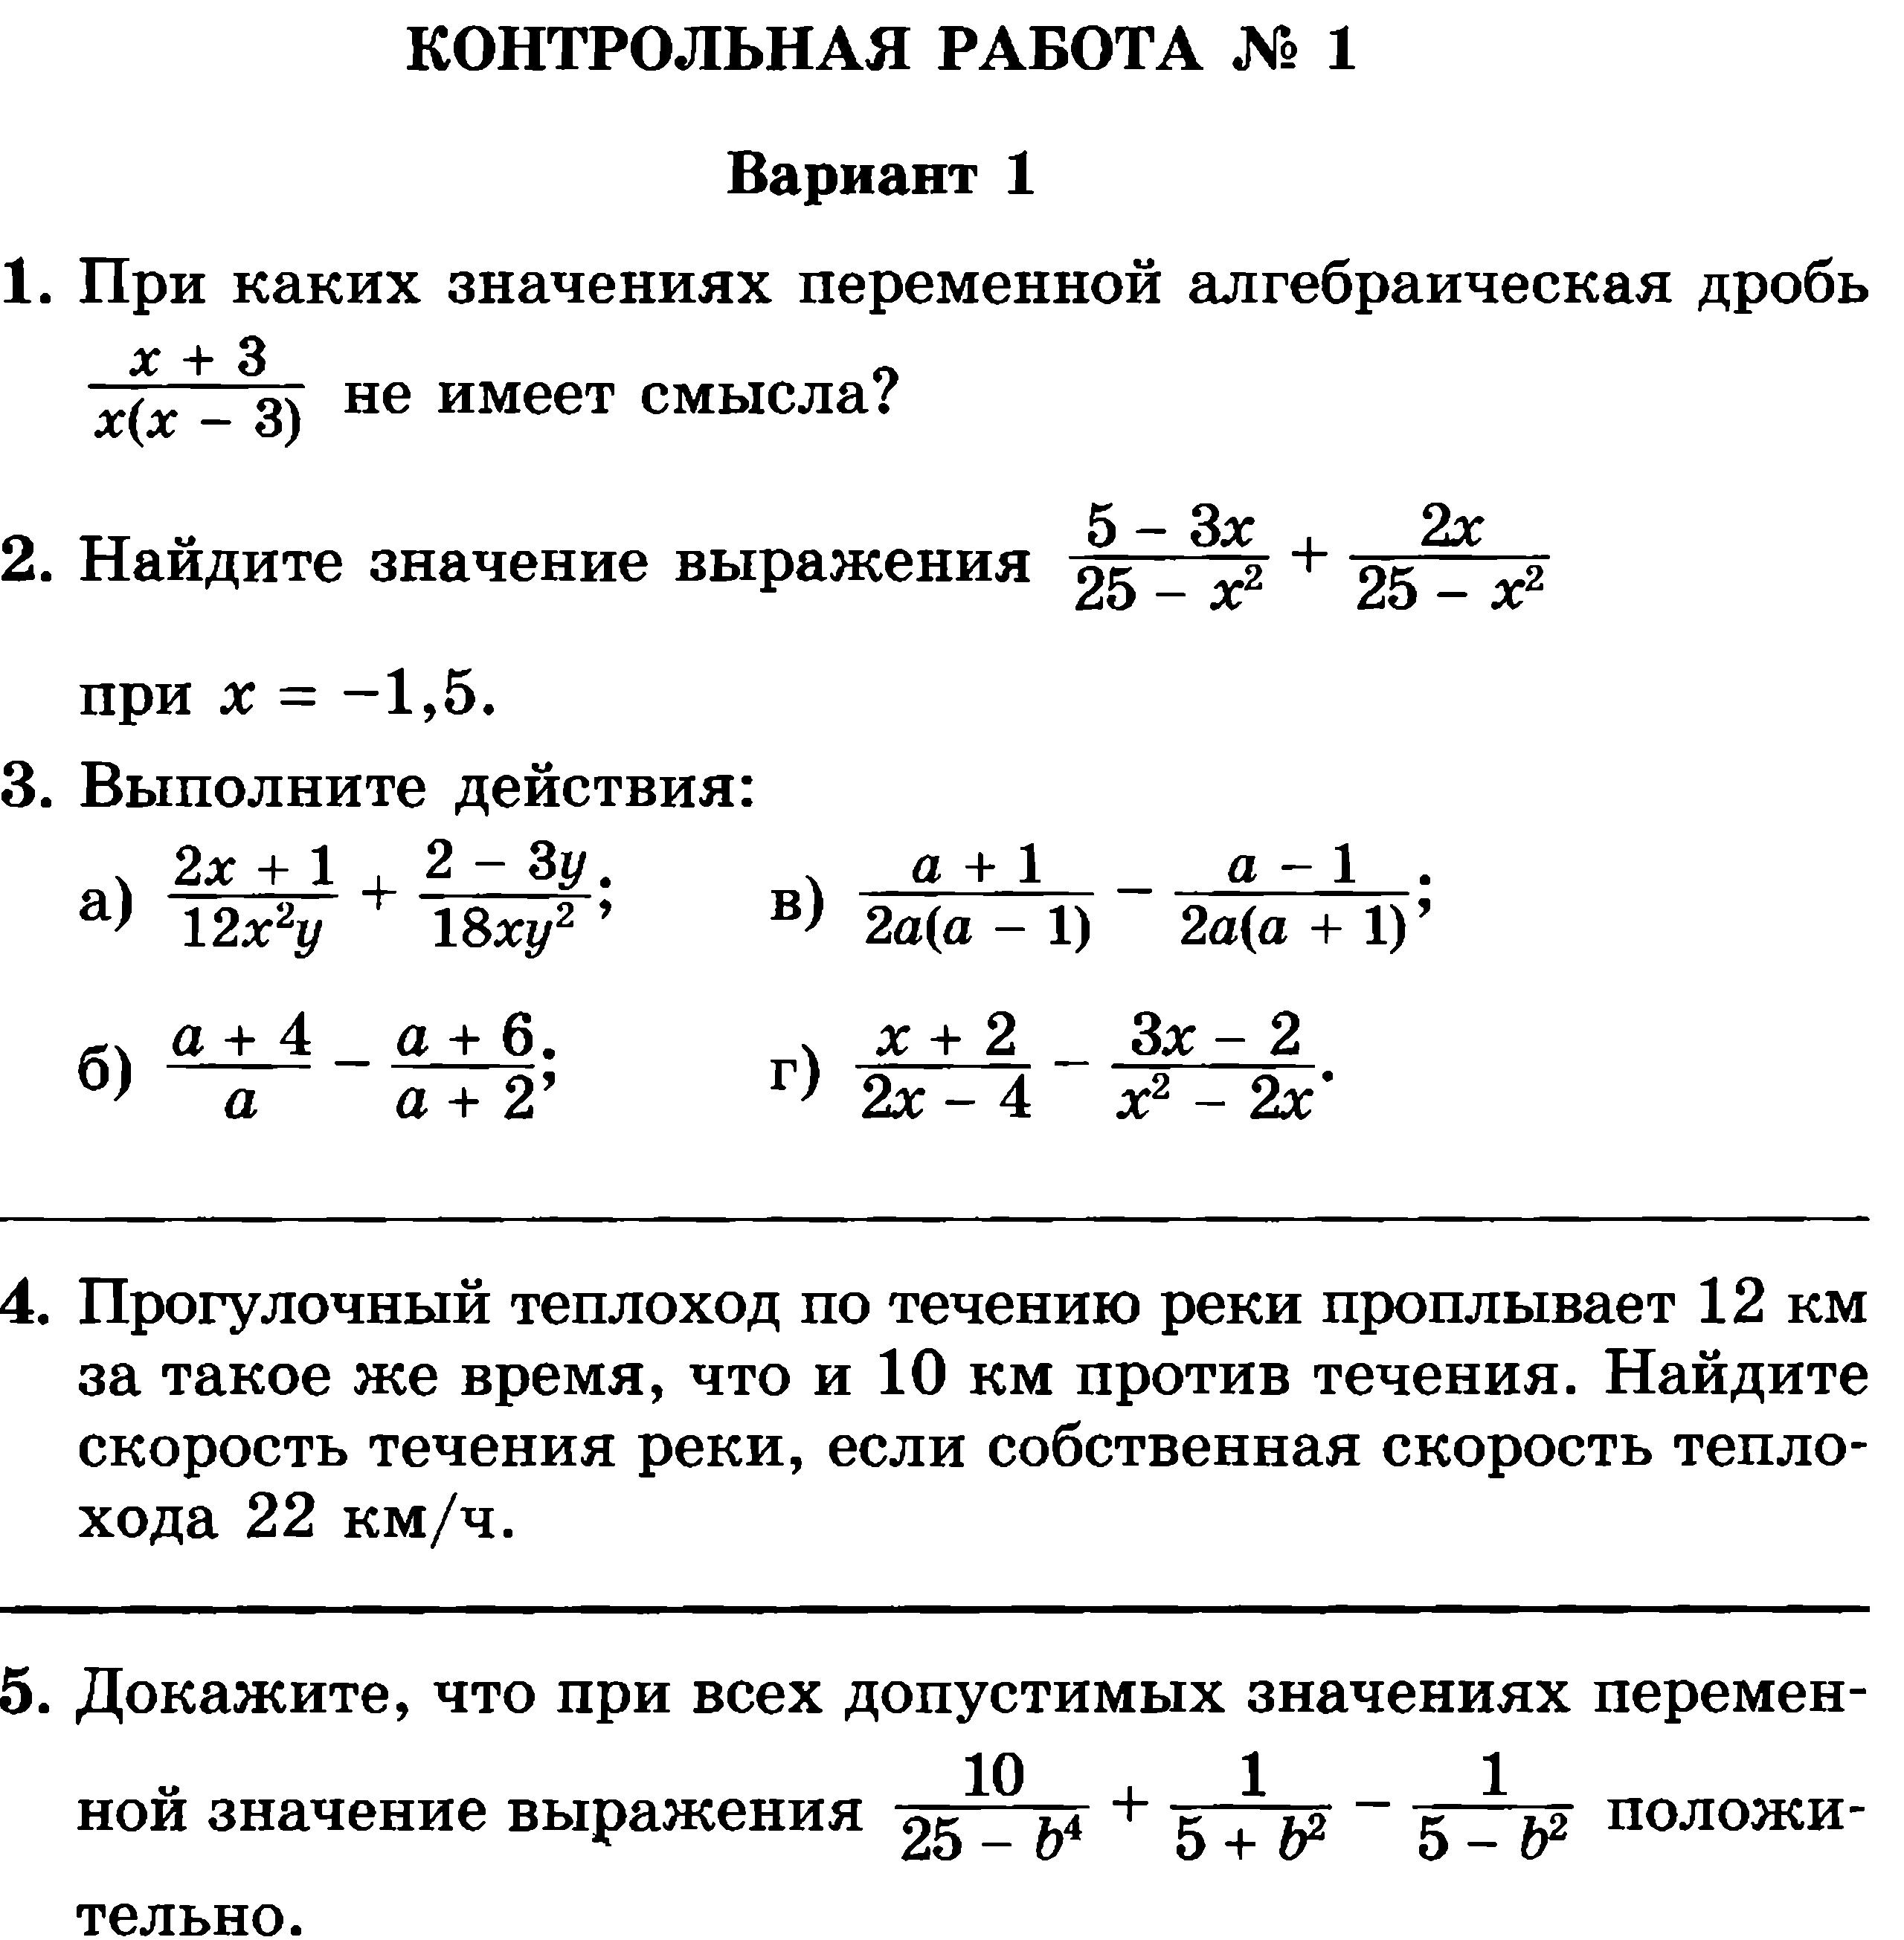 ГДЗ по Алгебре за класс Л И Звавич Л В Кузнецова С Б Суворова Контрольная работа номер 6 вариант 4 по алгебре